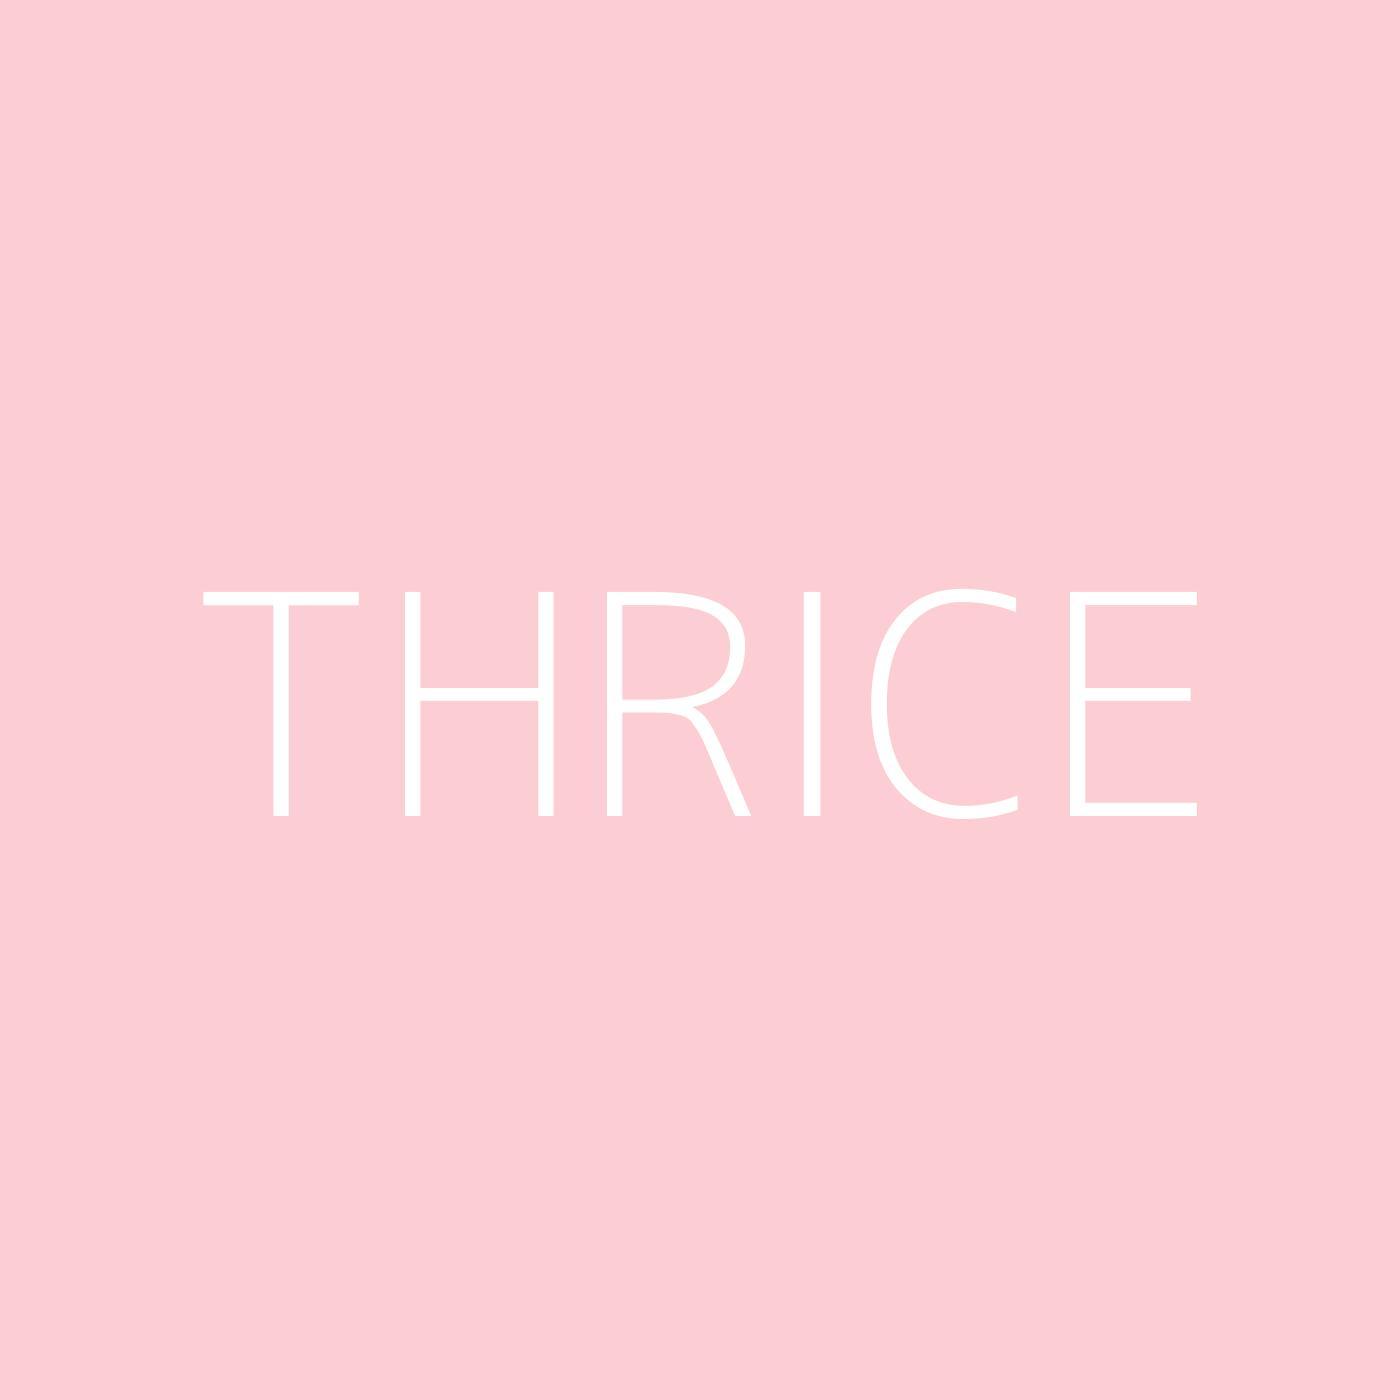 Thrice Playlist Artwork